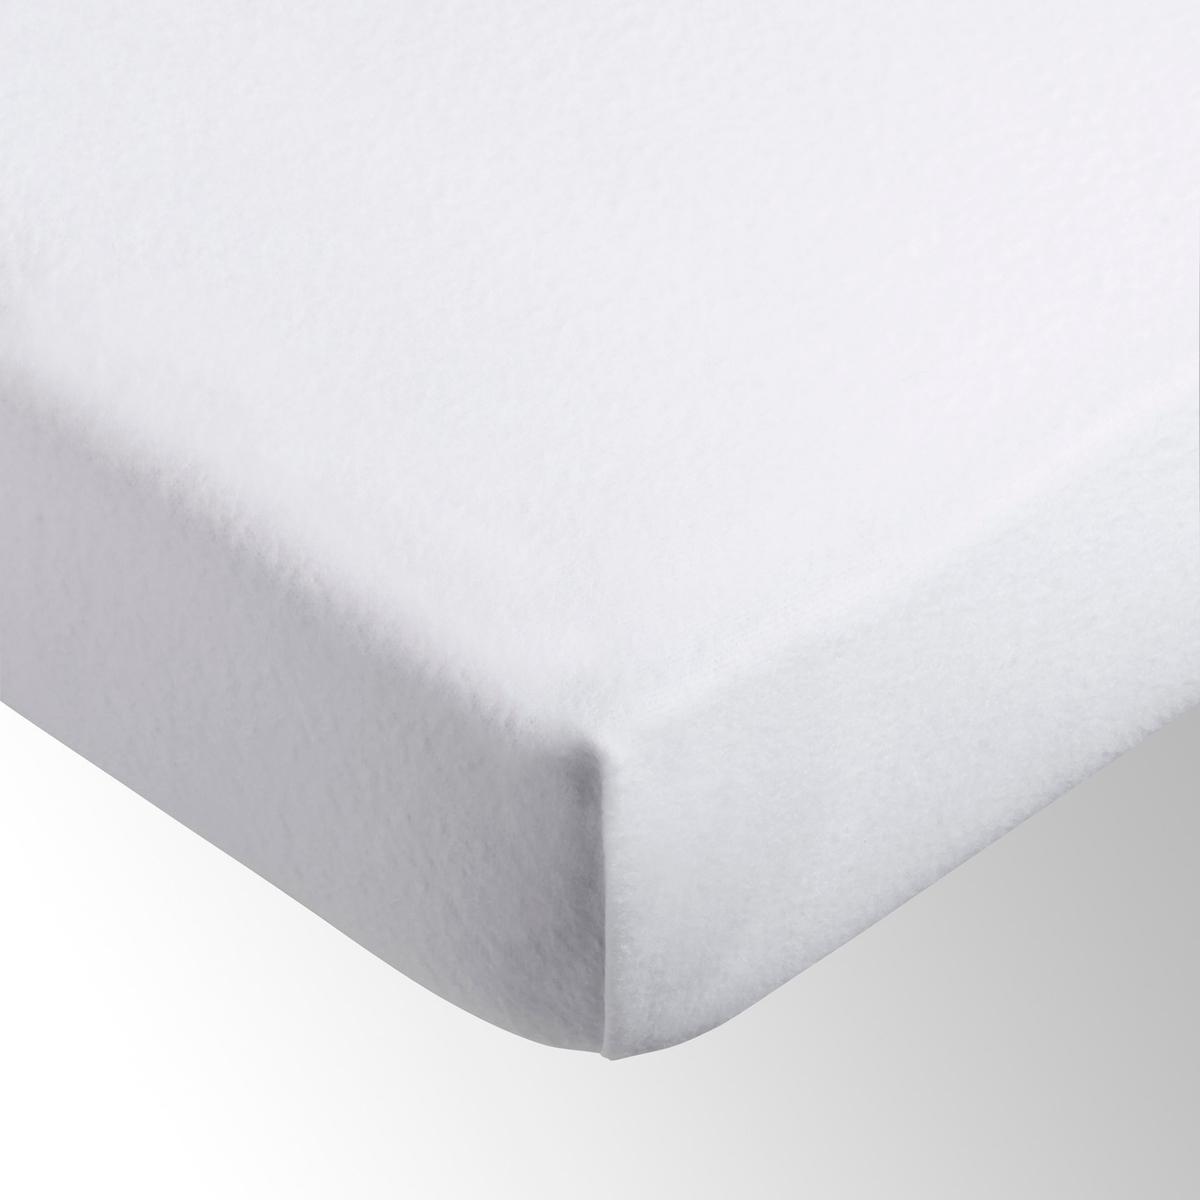 цена на Чехол La Redoute Защитный для матраса натяжной из эластичной микрофибры 180 x 200 см белый